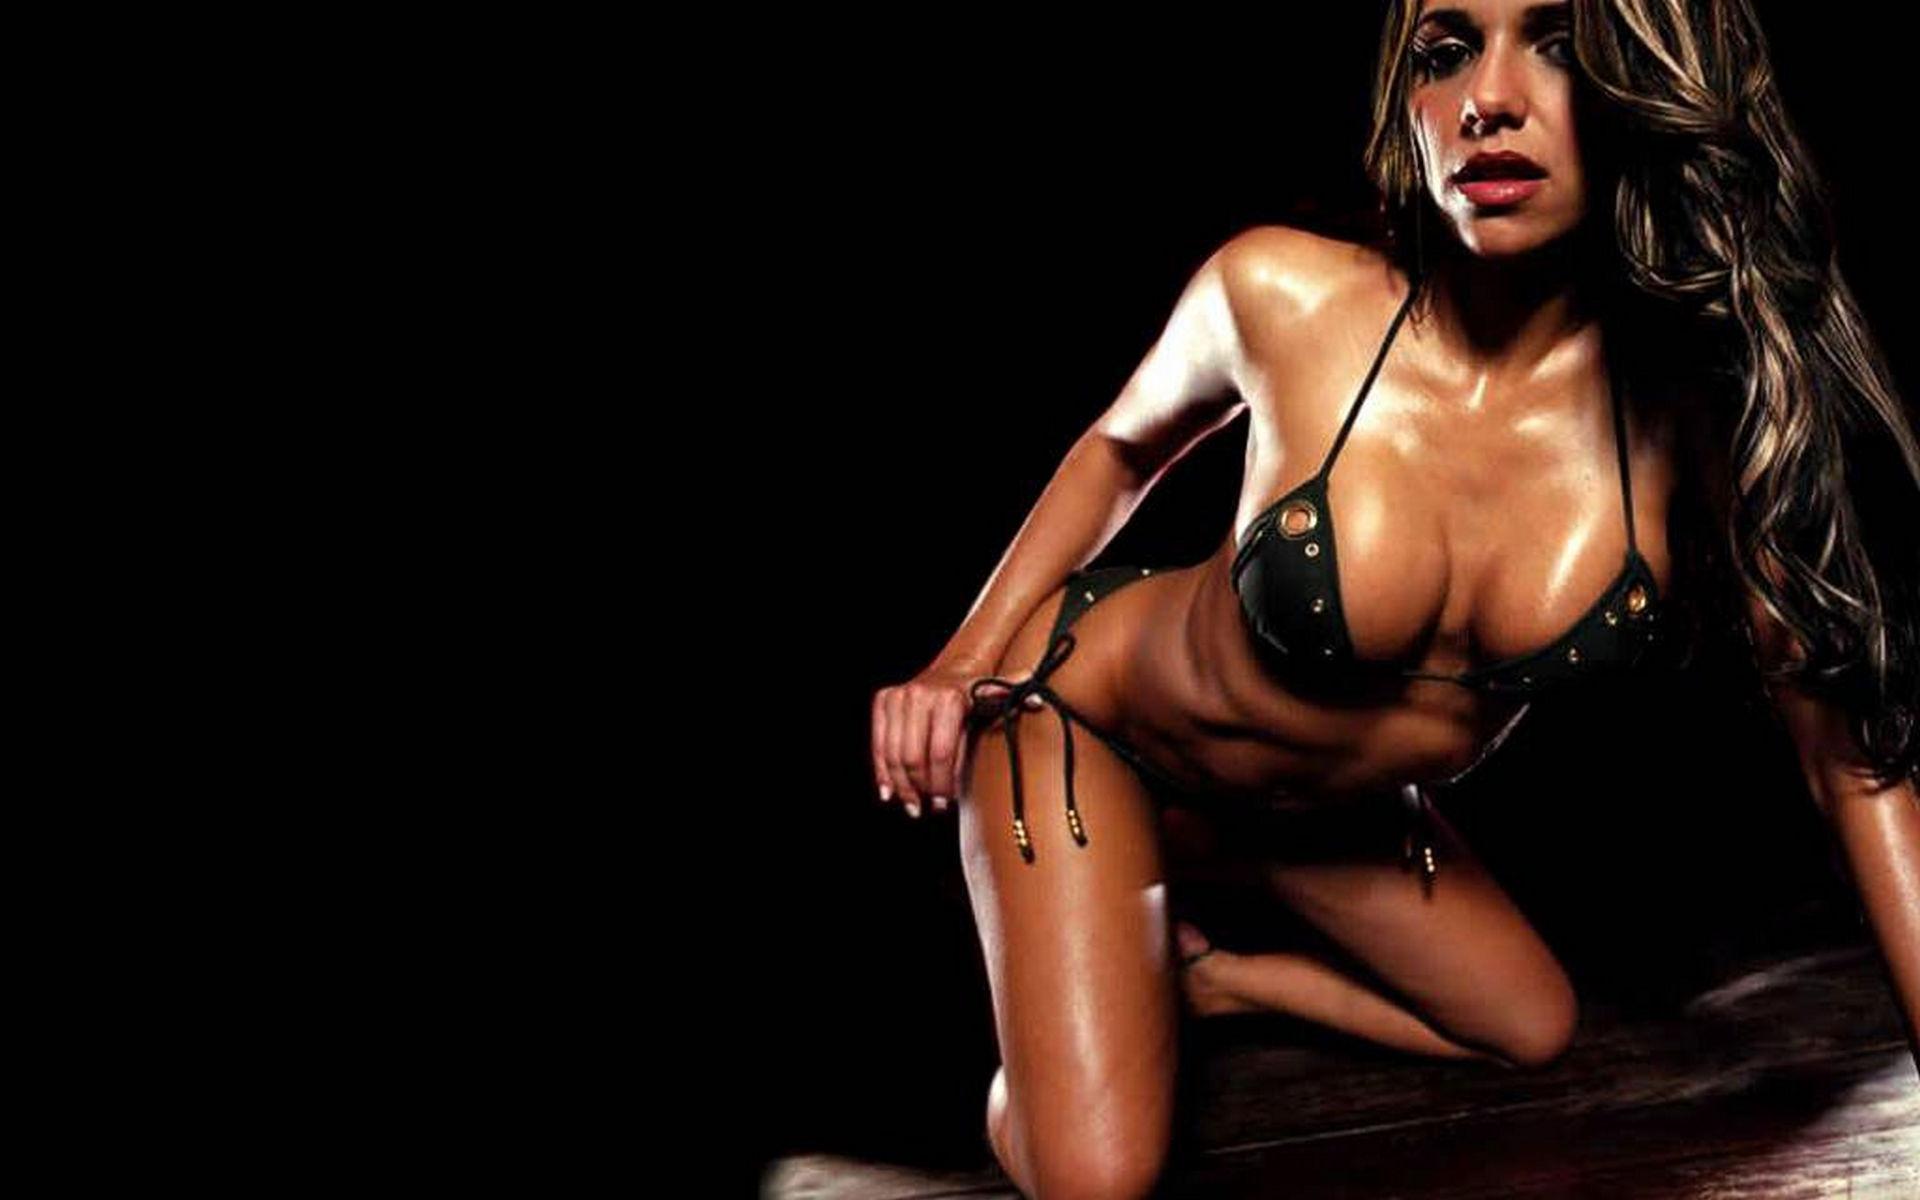 nude pics of vida guerra  638491